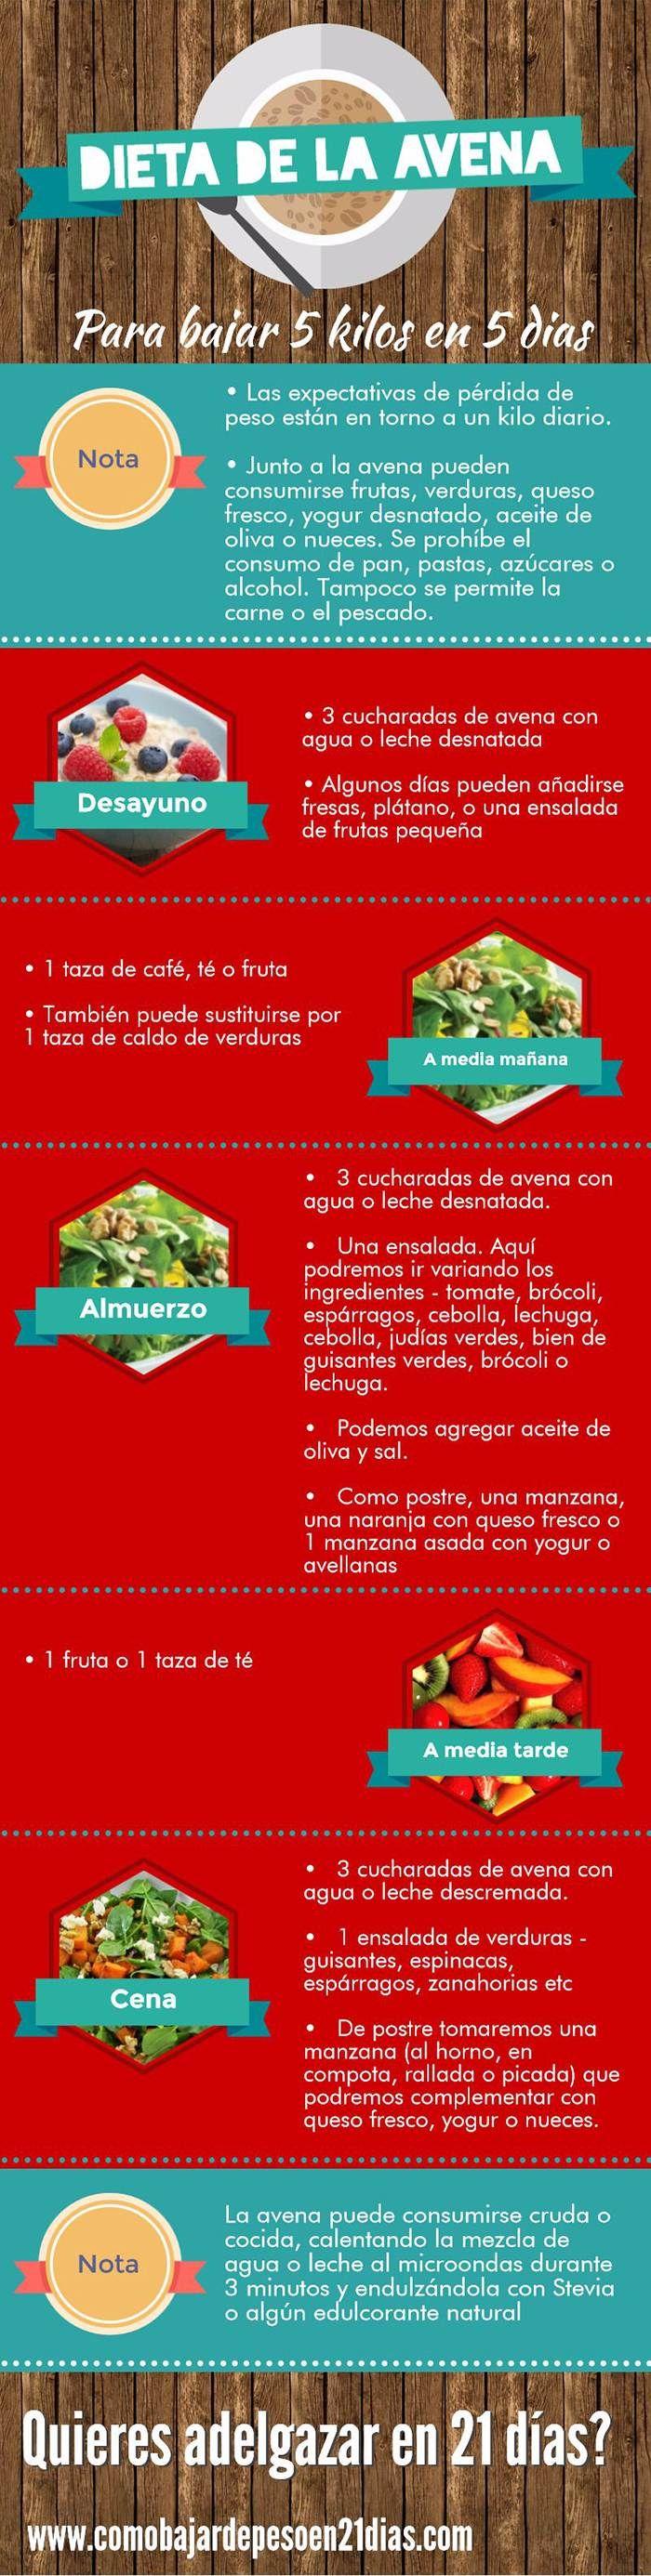 Adelgazar con avena, una dieta saludable si se combina correctamente con otros alimentos saludables y ejercicio. #dieta #avena #infografias